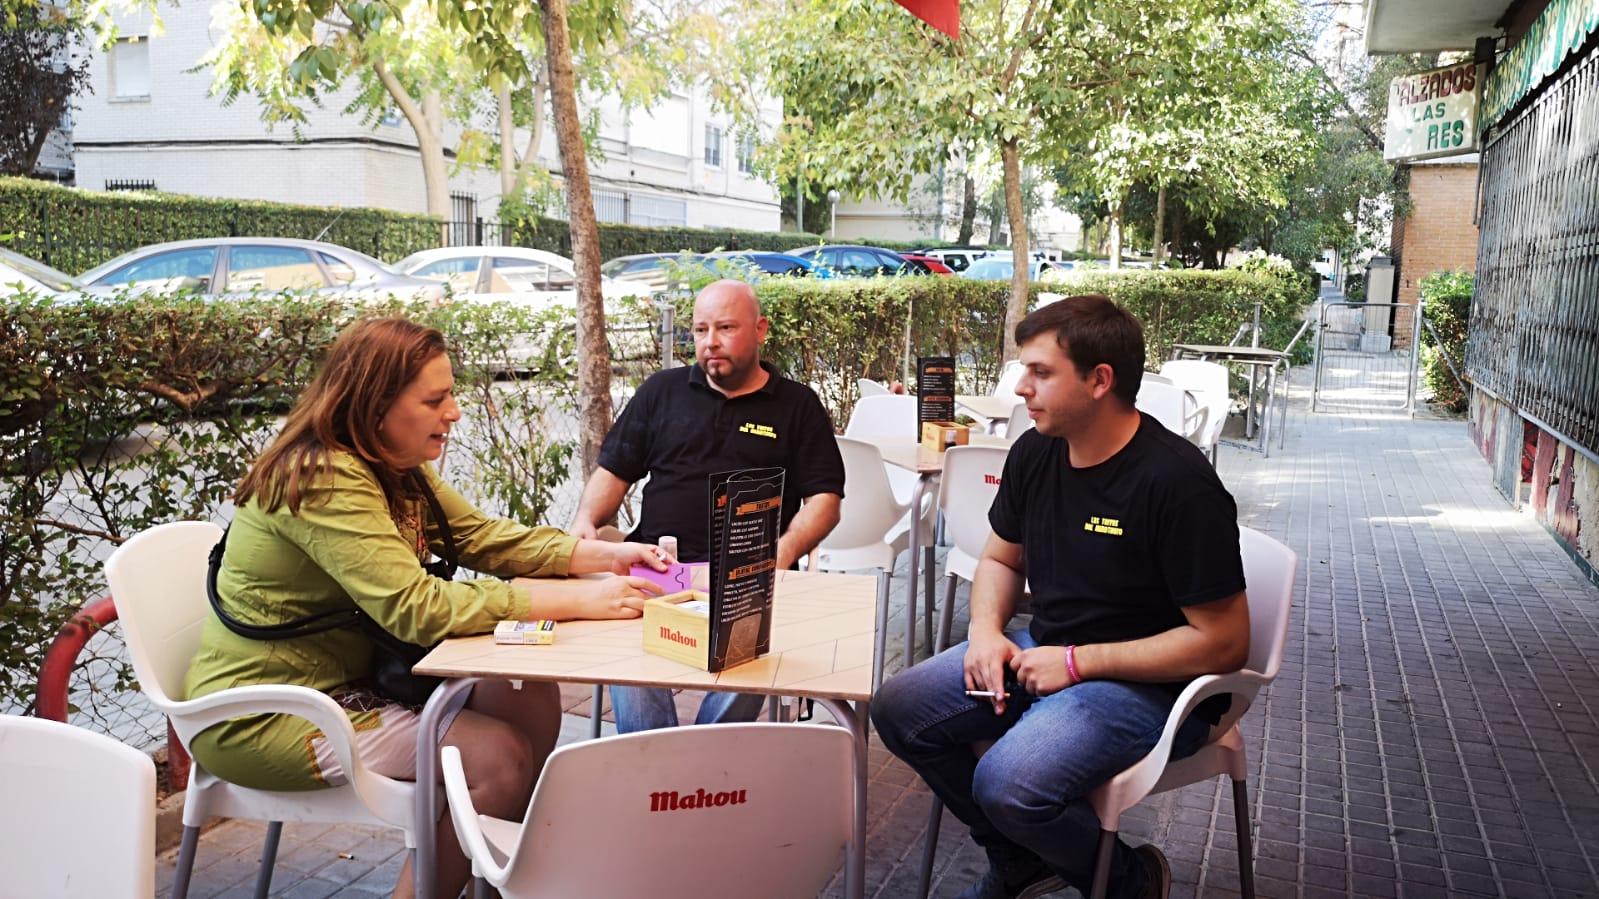 Entrevista y Reportaje a Las Torres del Minotauro